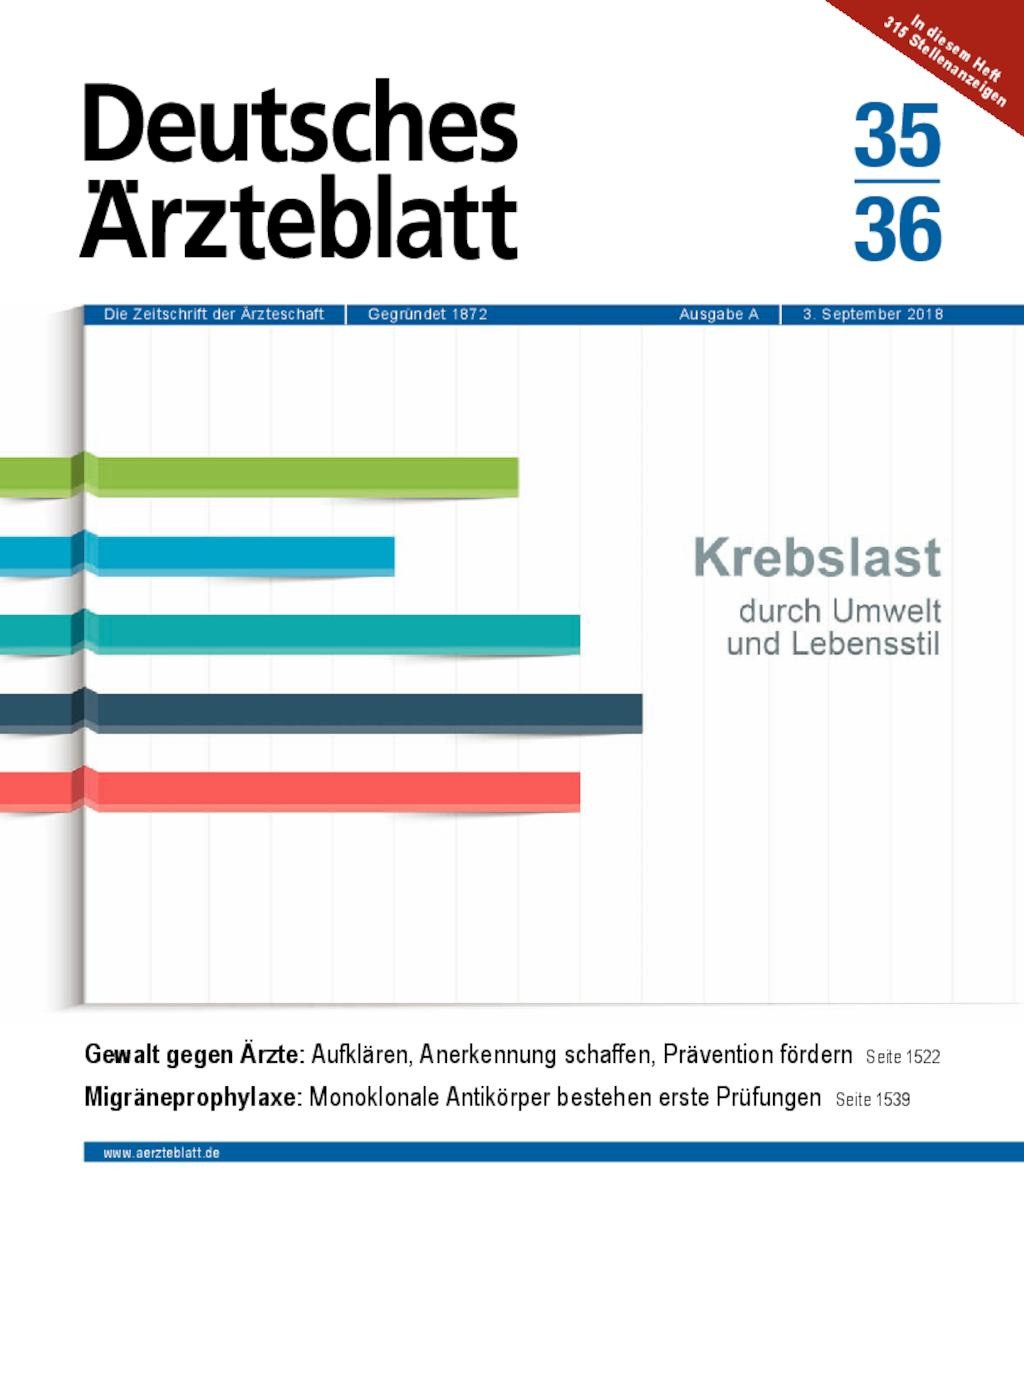 Bildergebnis für deutsches ärzteblatt 35 36